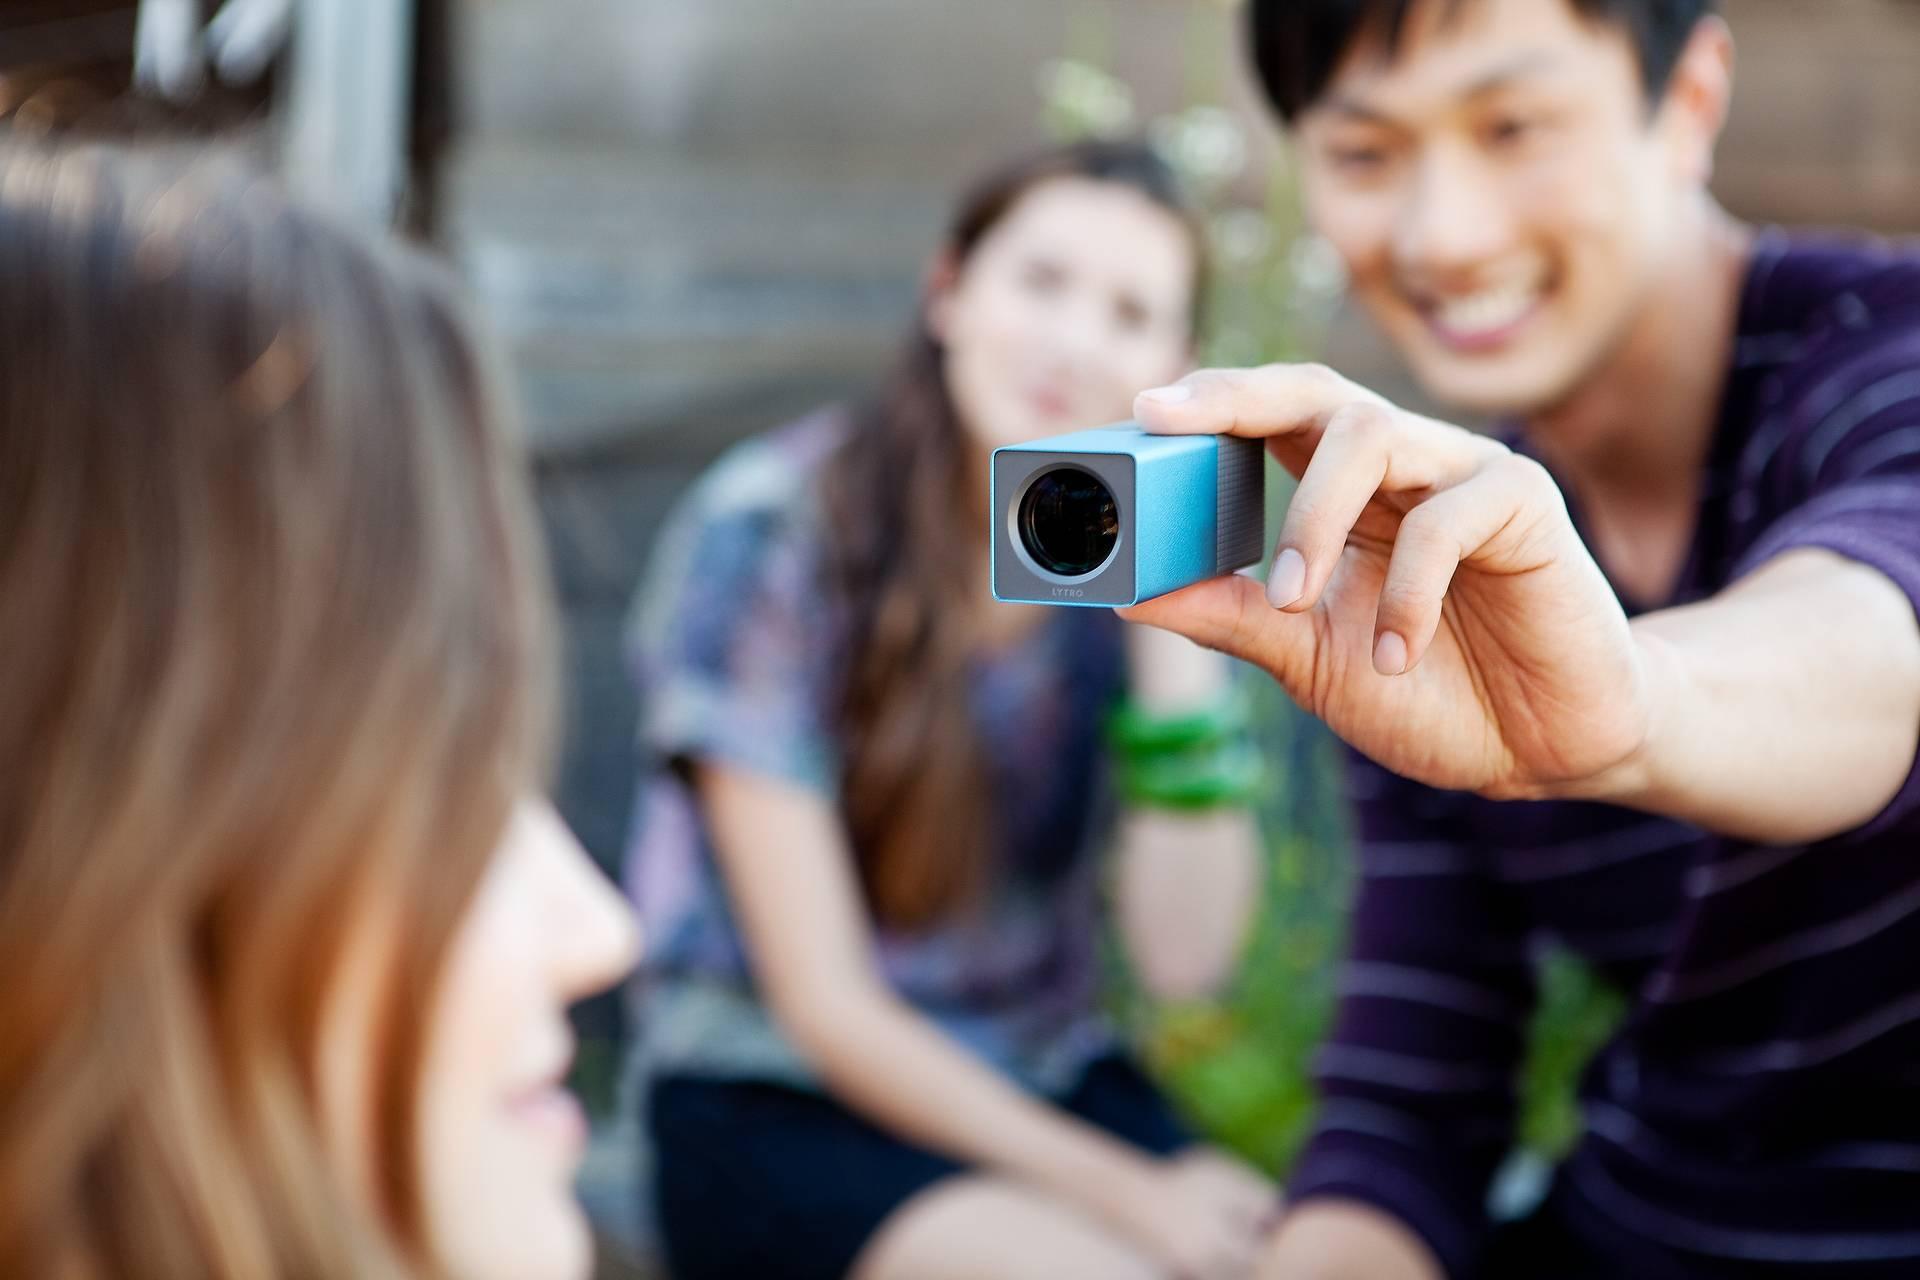 9 инстаграм трендов на 2021 год, о которых нужно знать